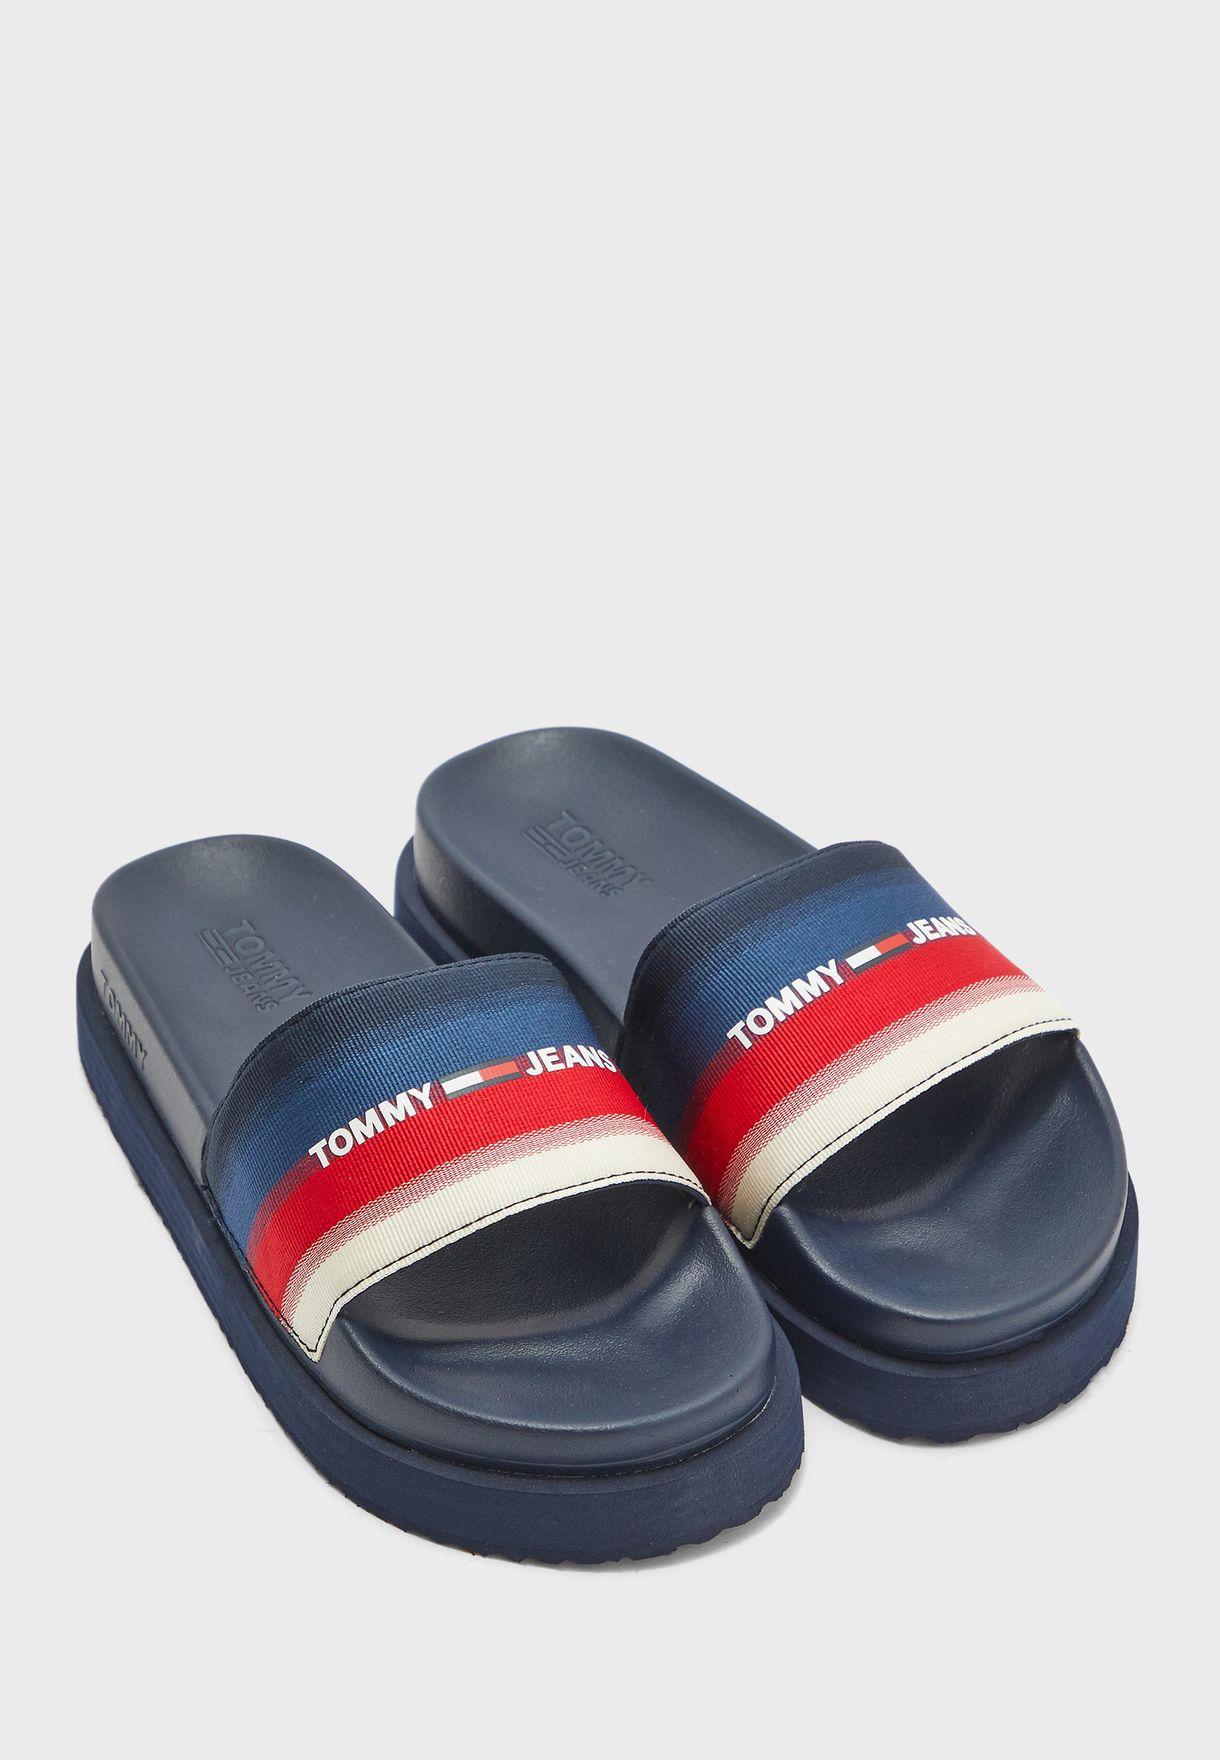 Flatform Pool Slide Sandals